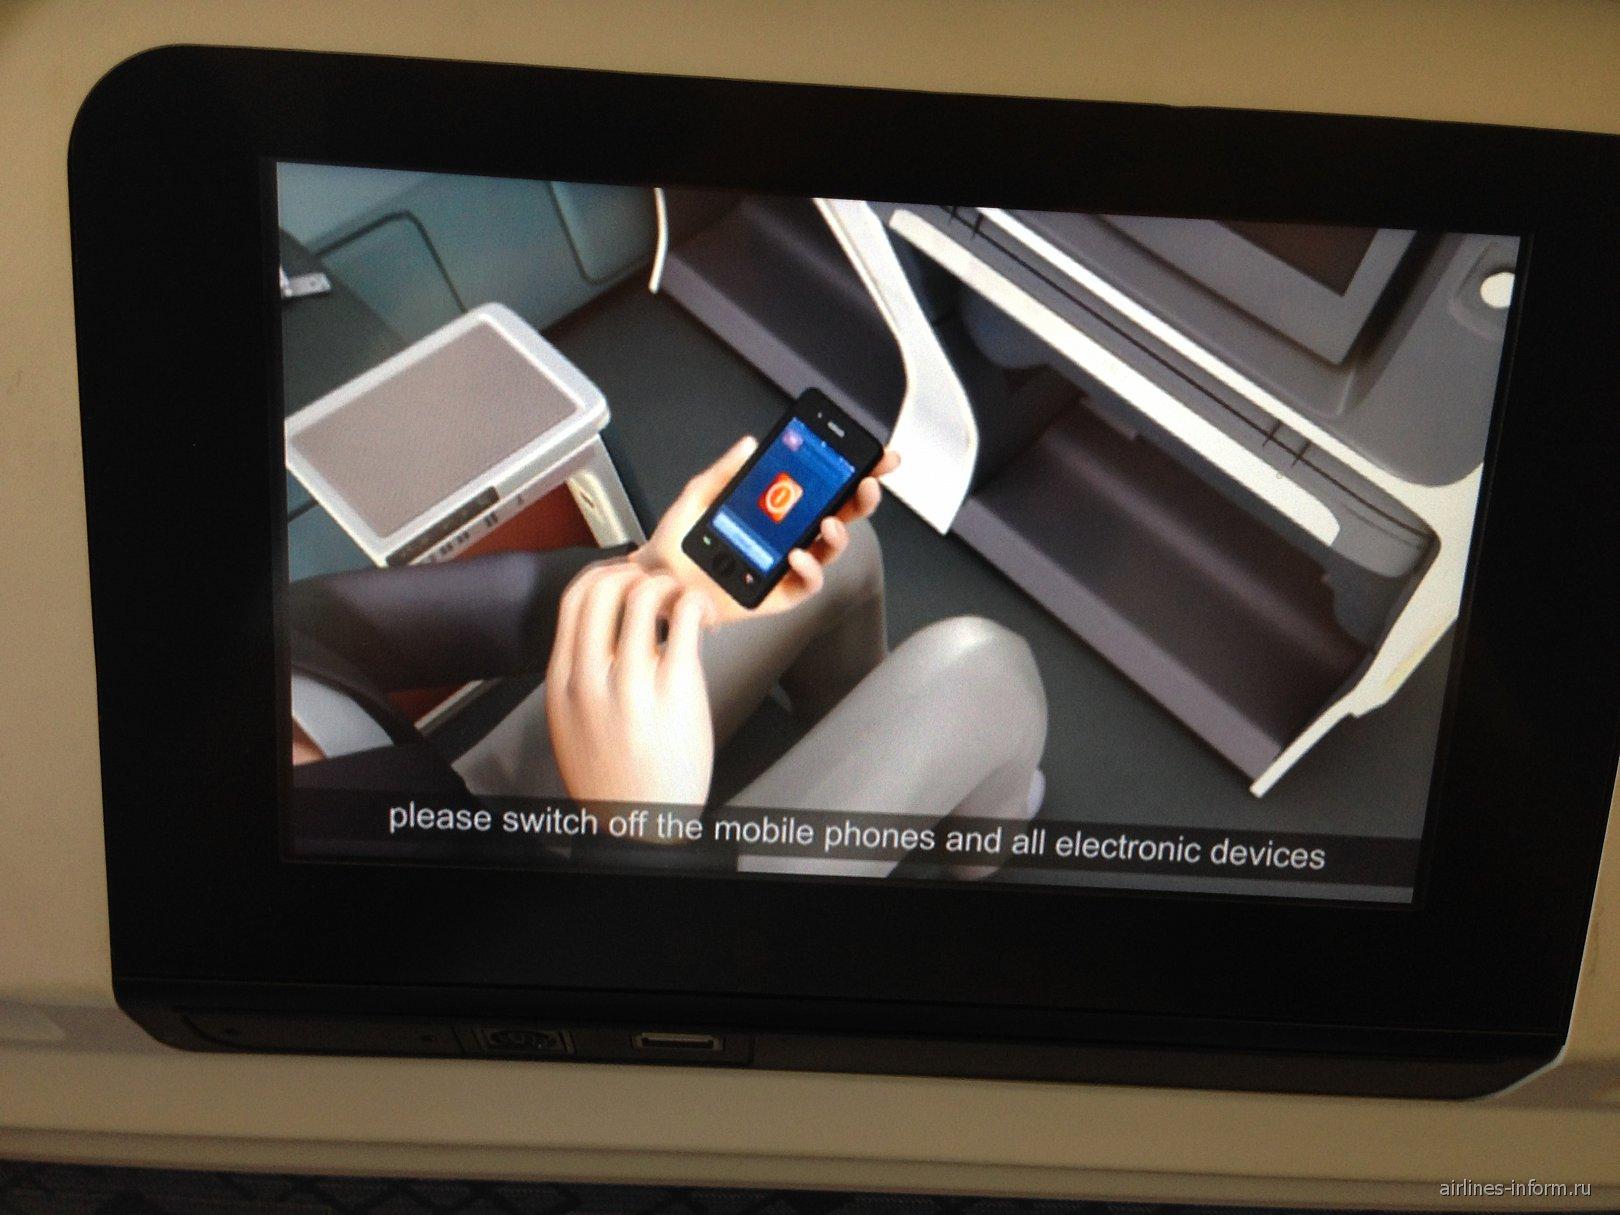 Система развлечений в самолете Airbus A321 авиакомпании Dragonair